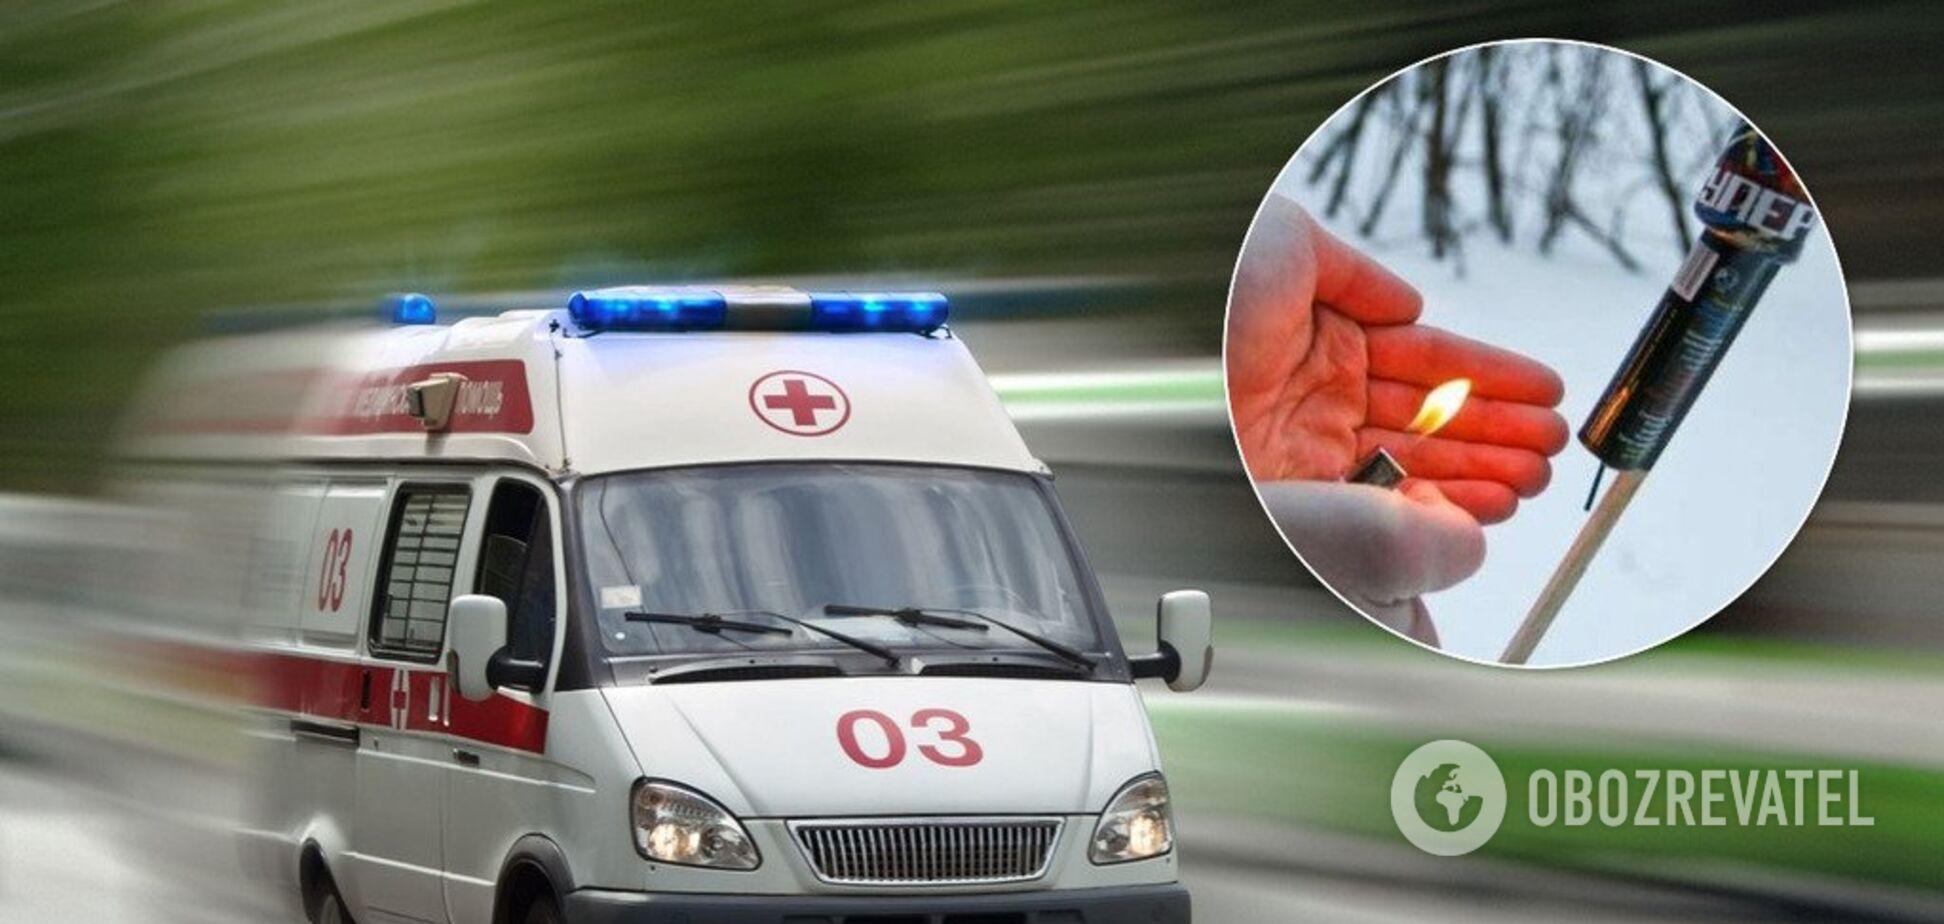 На Житомирщині чоловік постраждав у результаті вибуху салюту